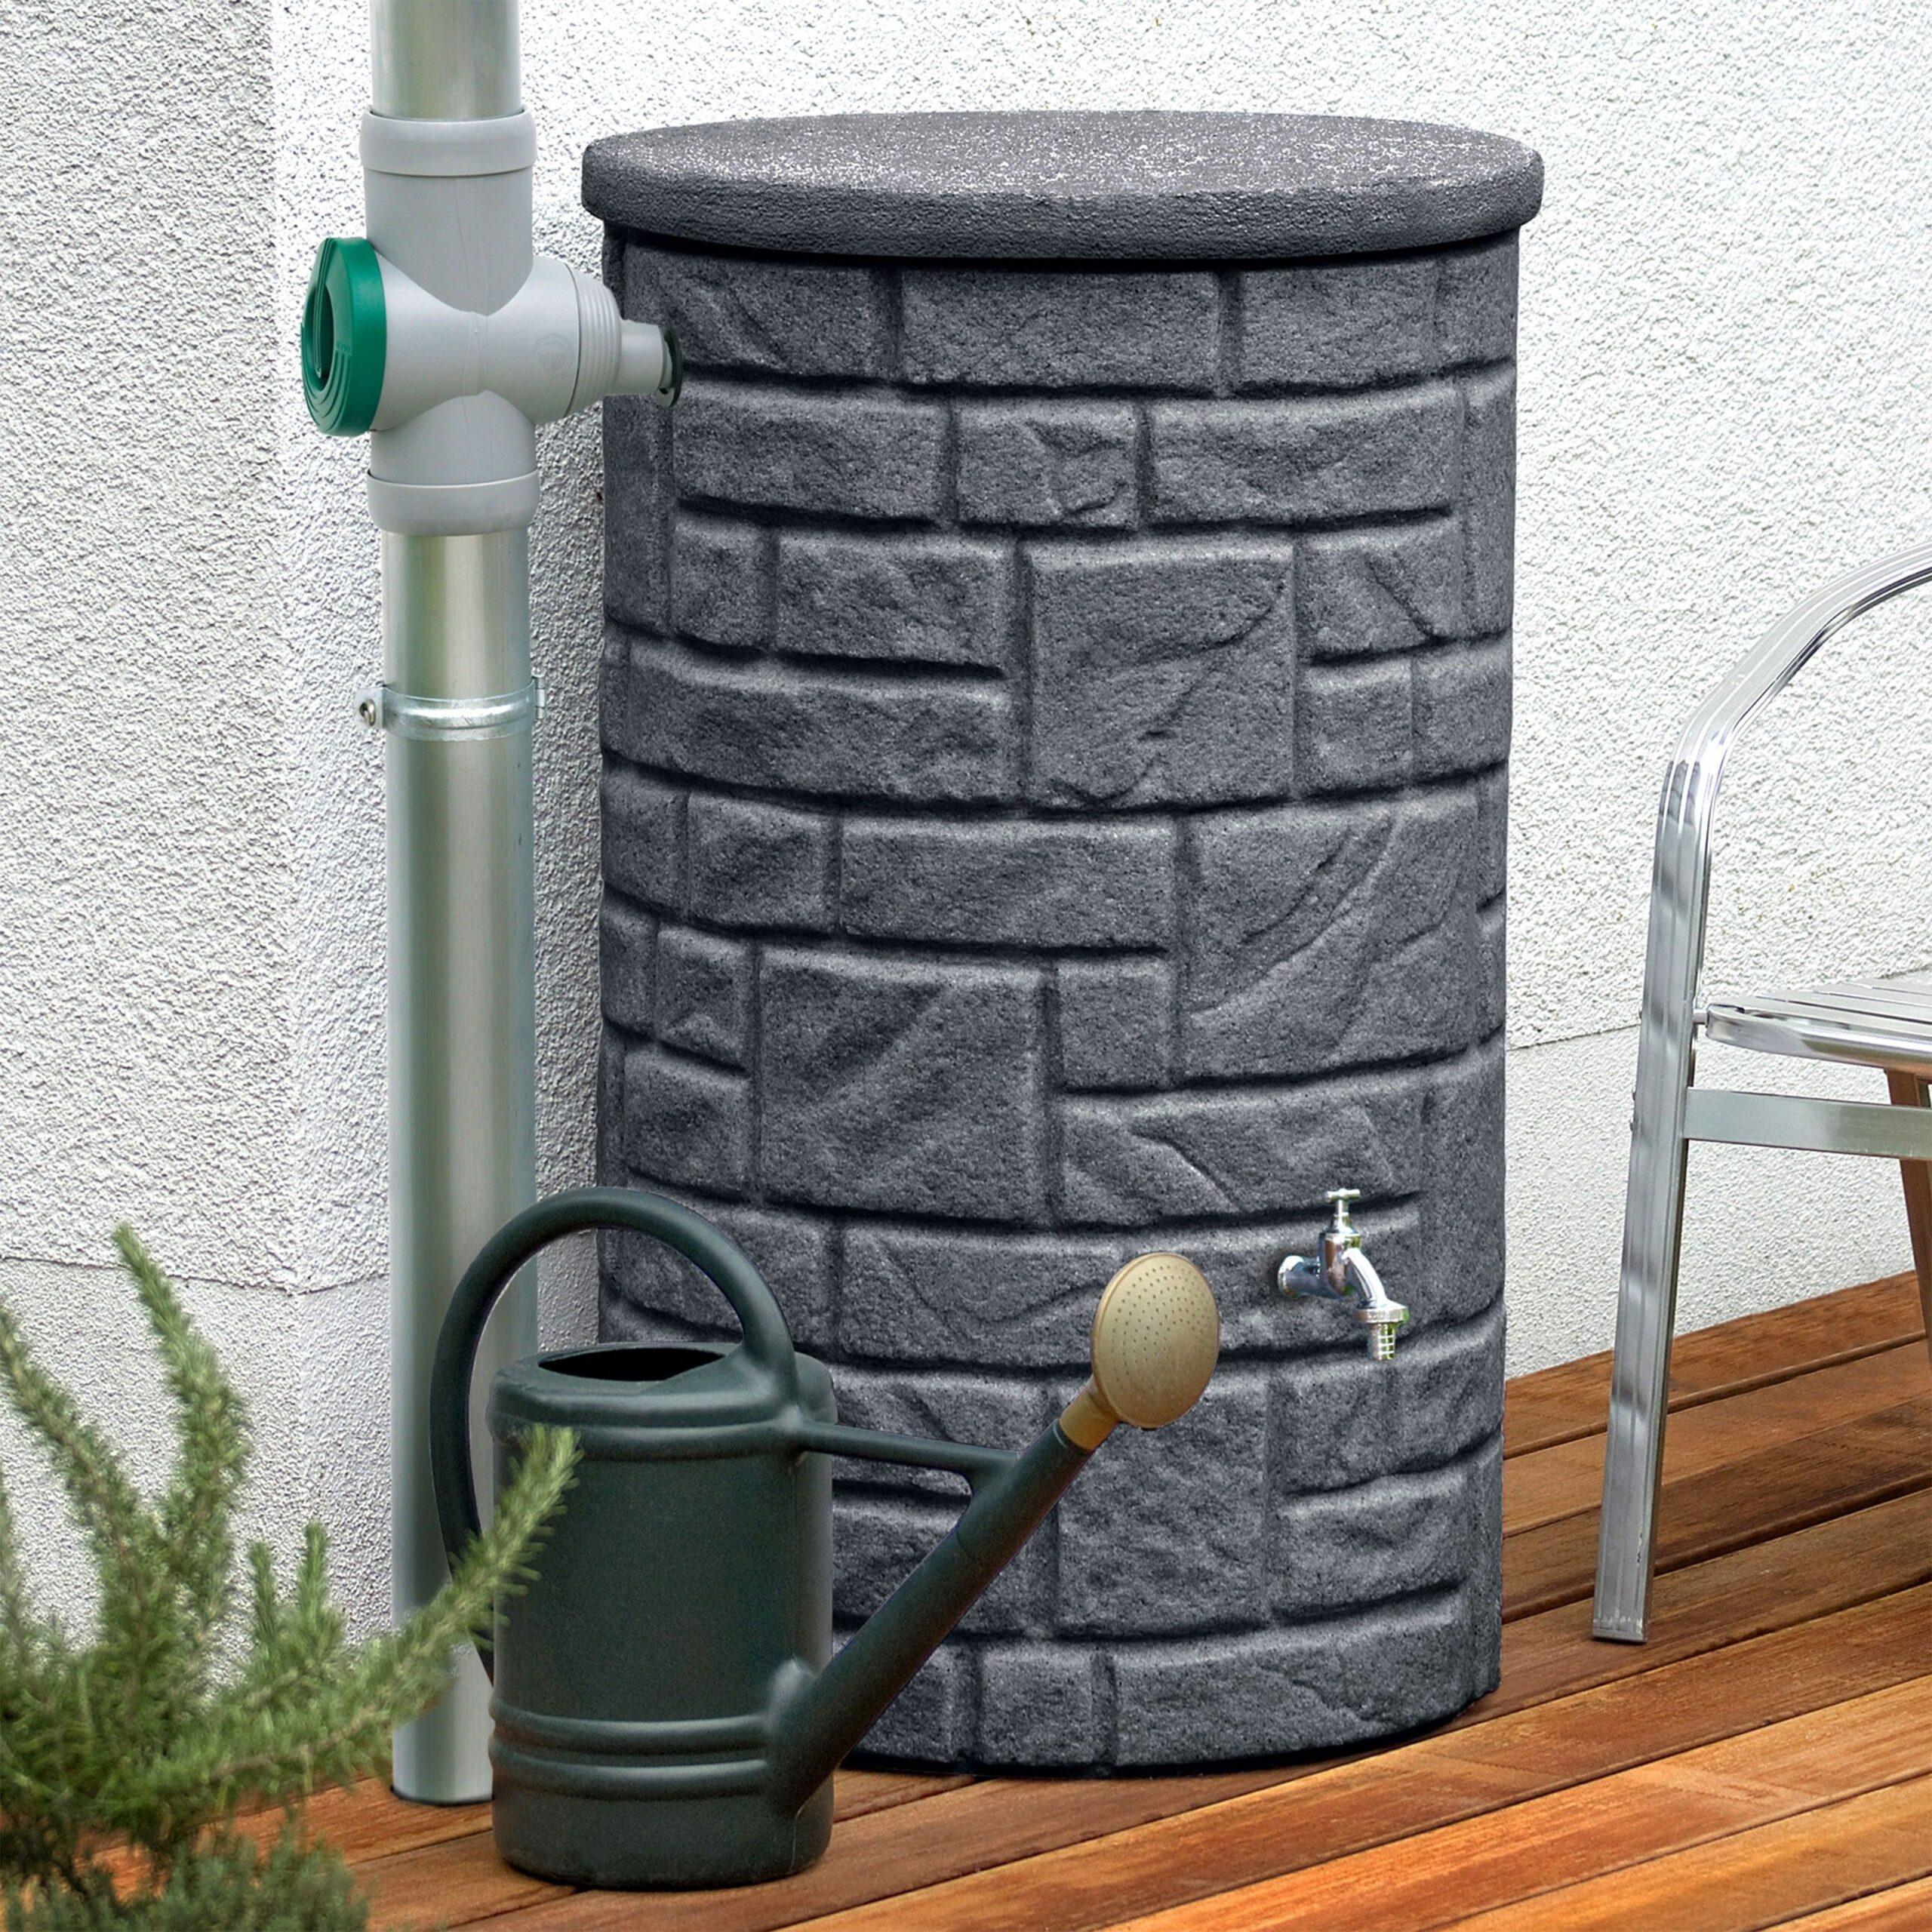 Full Size of Küche Nobilia Immobilienmakler Baden Einbauküche Mobile Regale Obi Immobilien Bad Homburg Wassertank Garten Fenster Wohnzimmer Wassertank 1000l Obi